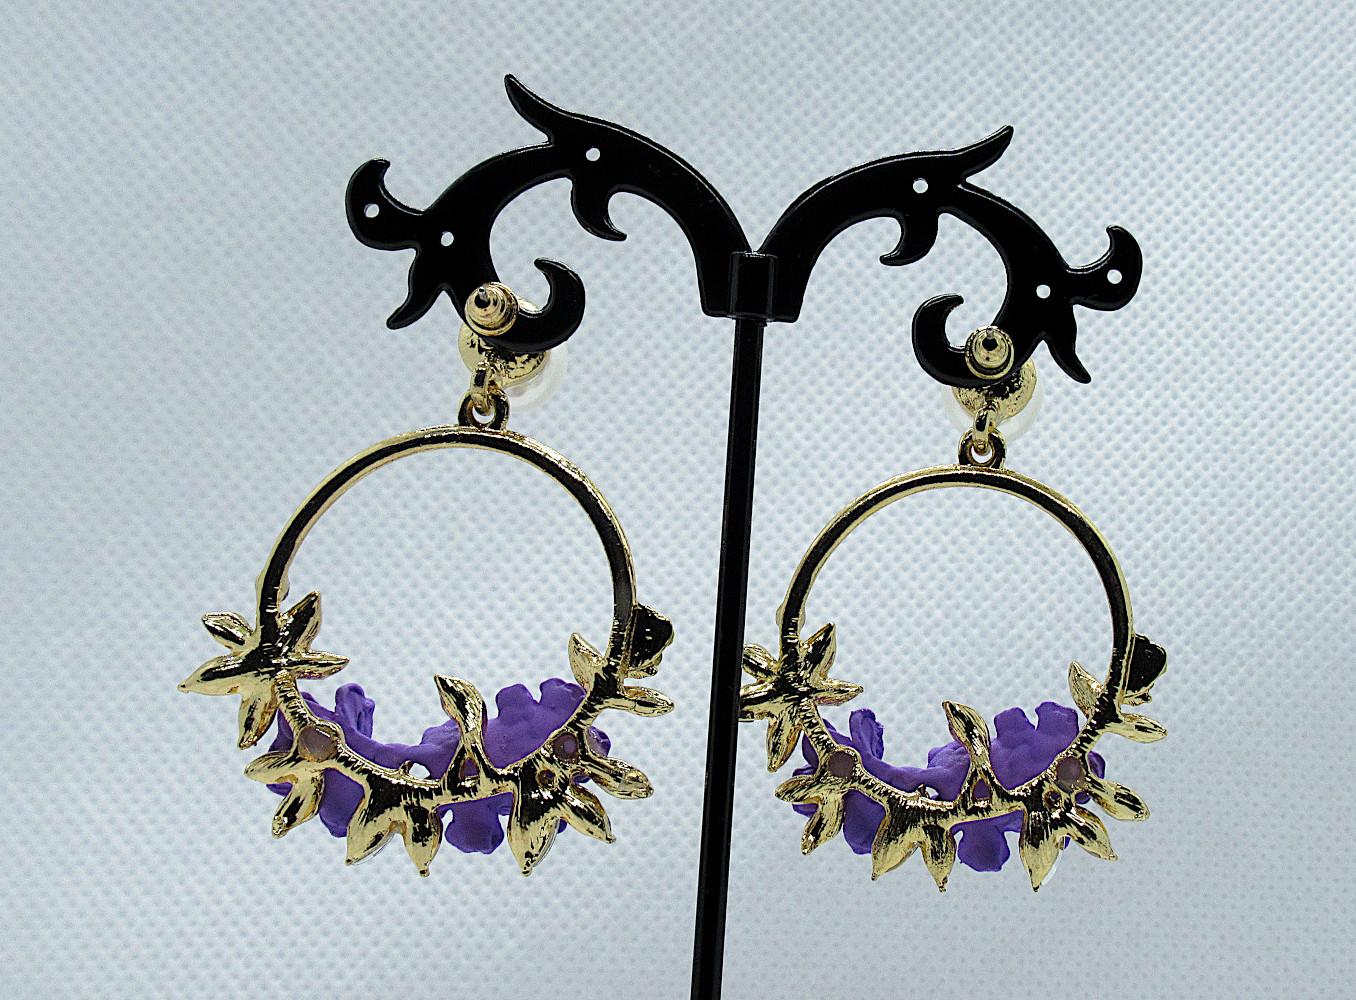 PA-303_Crystal and Pearl Floral Wreath Hoop Earrings-purple-back